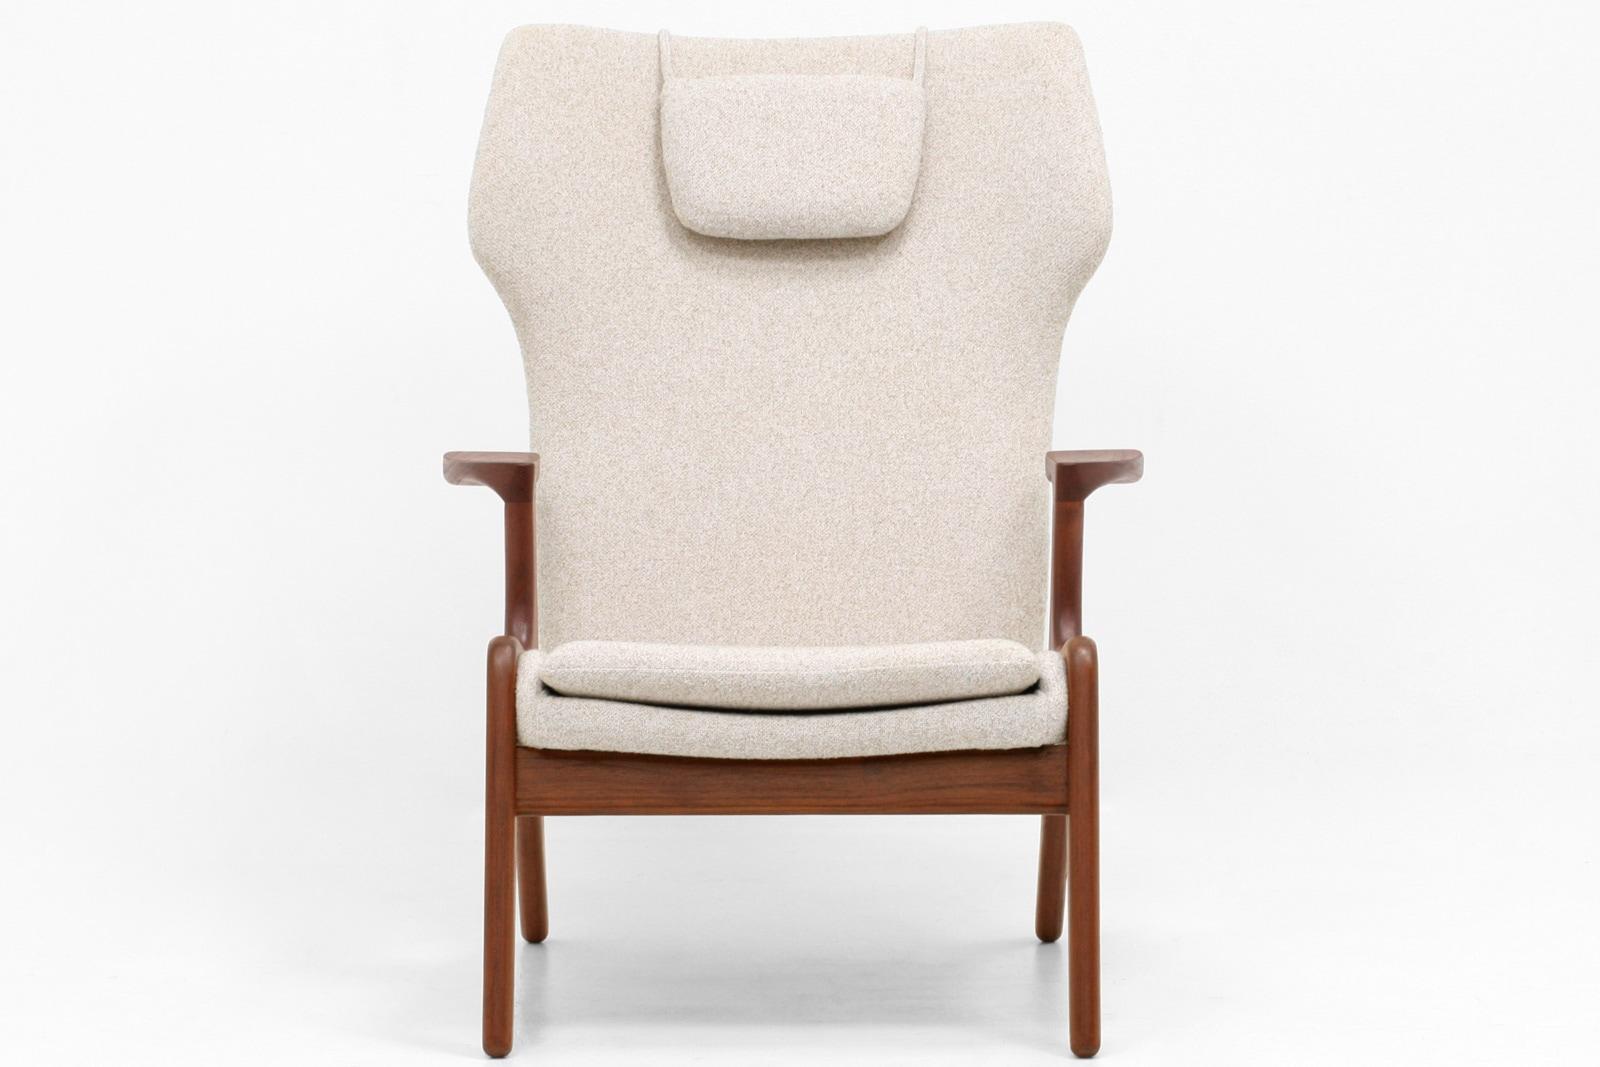 アウトレット,ハイバックチェア,ハーフアーム,椅子,北欧,デンマーク,クロッケン